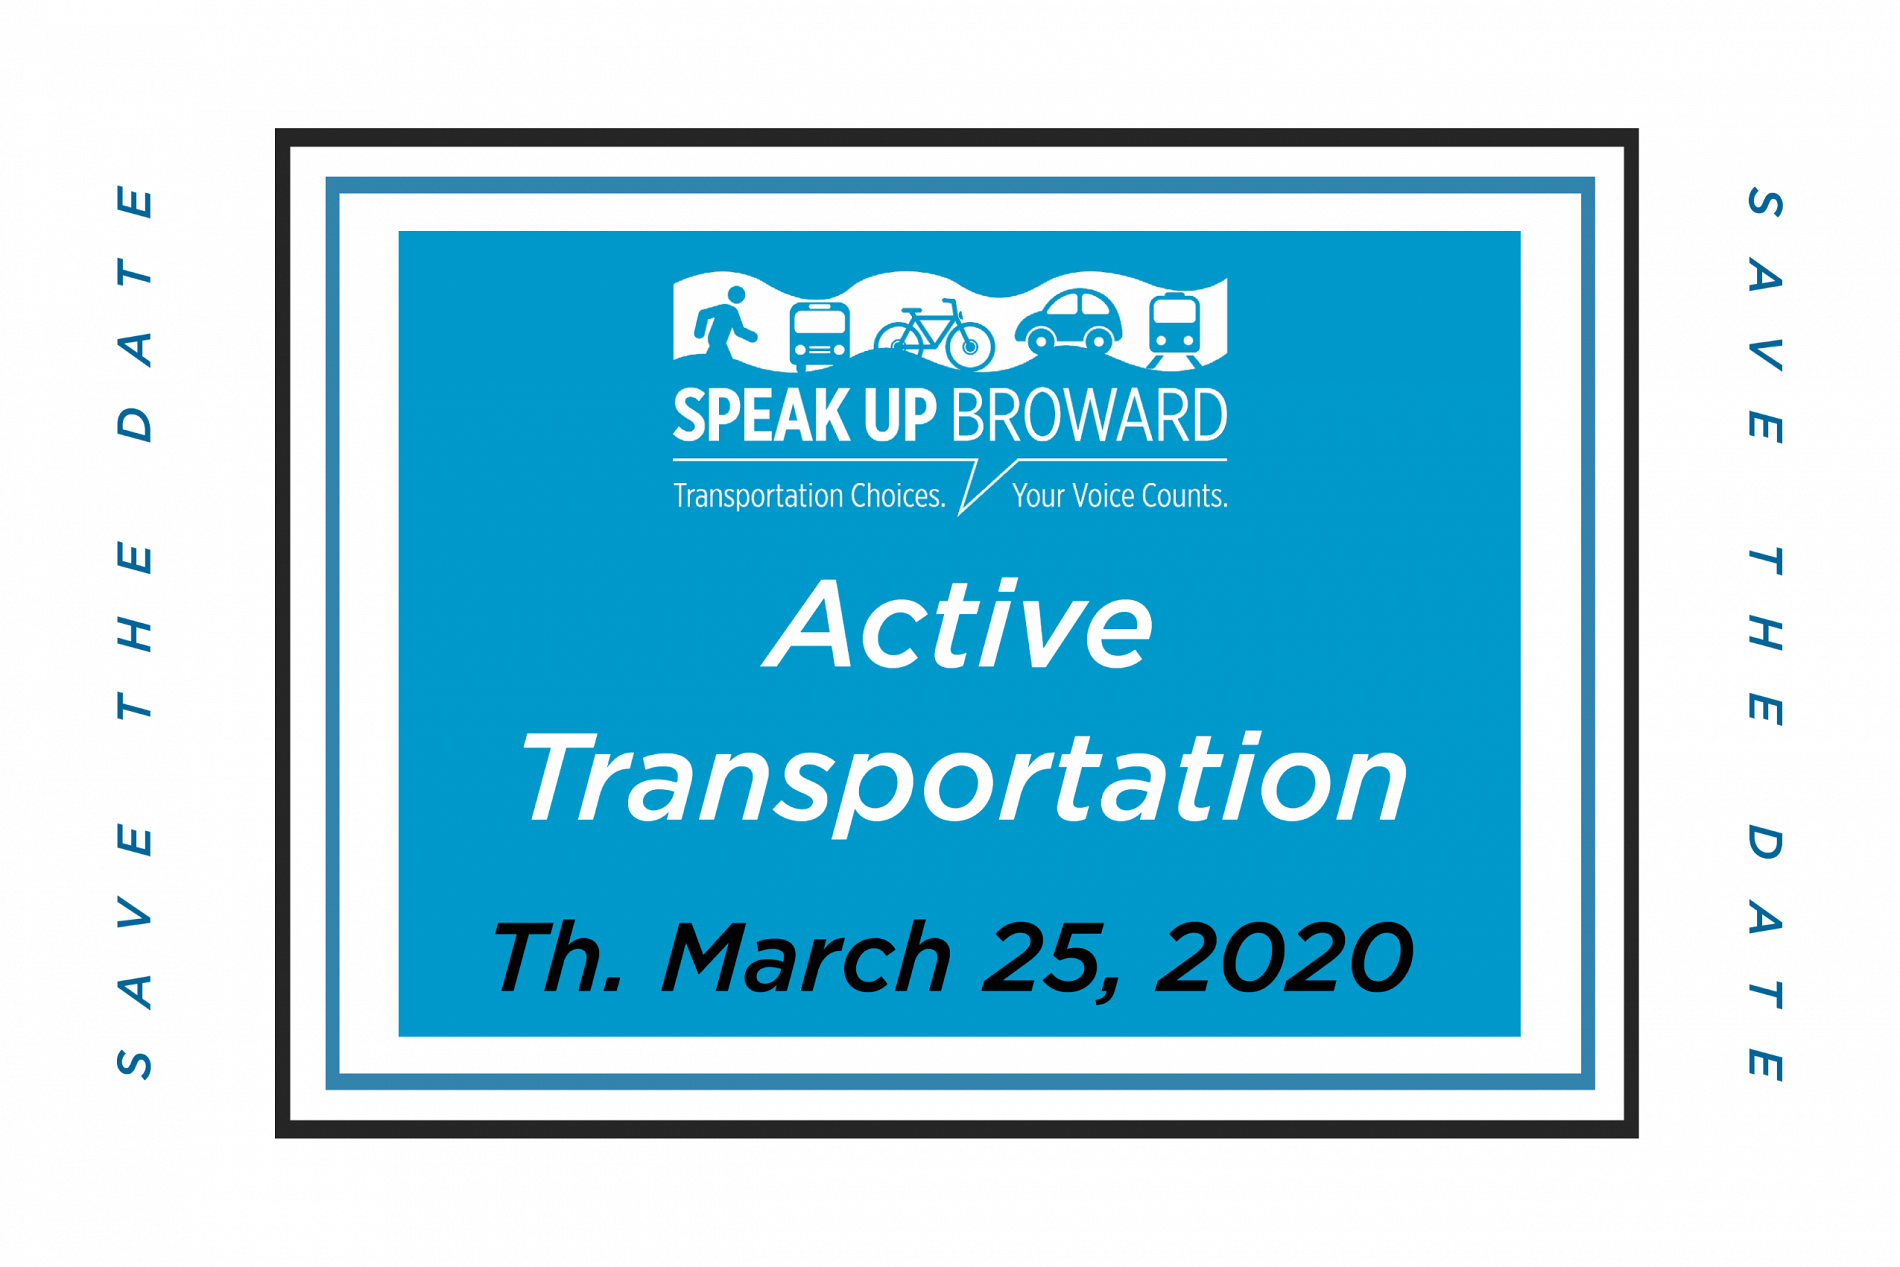 Speak Up Broward Online Event on Active Transportation